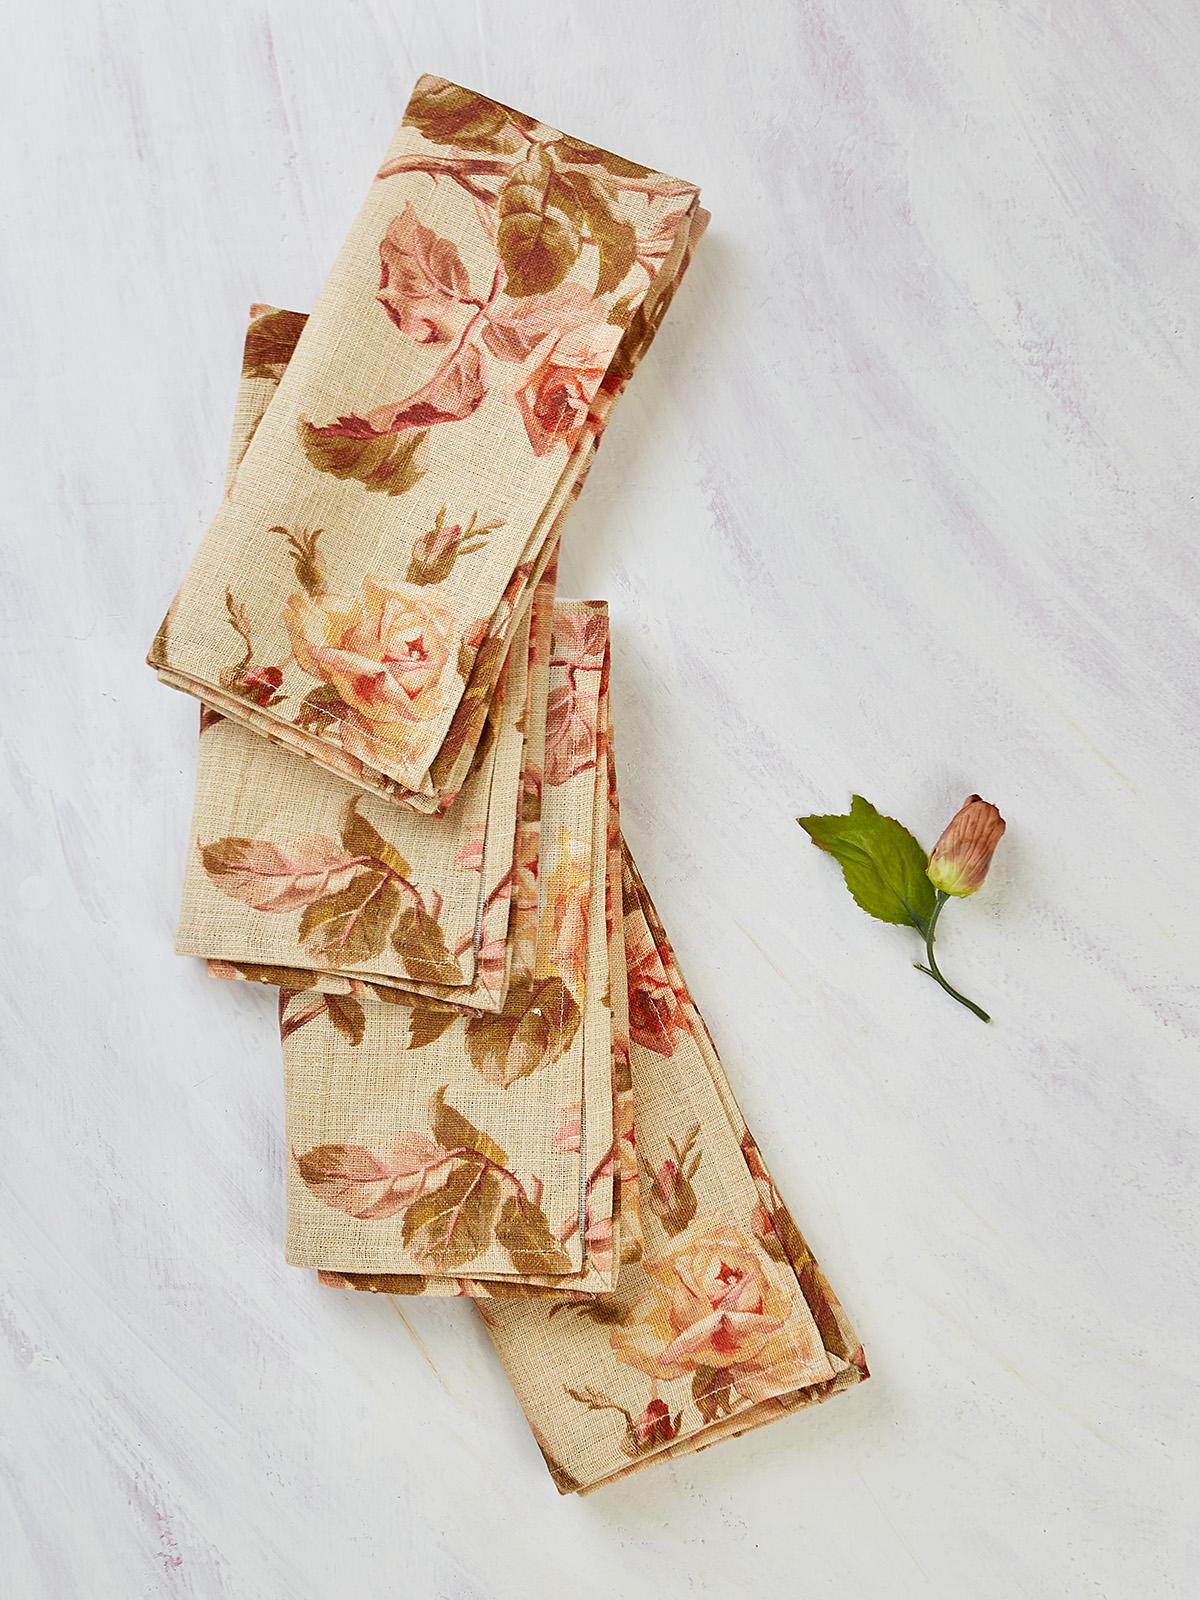 Serenade Linen Napkin Set of 4